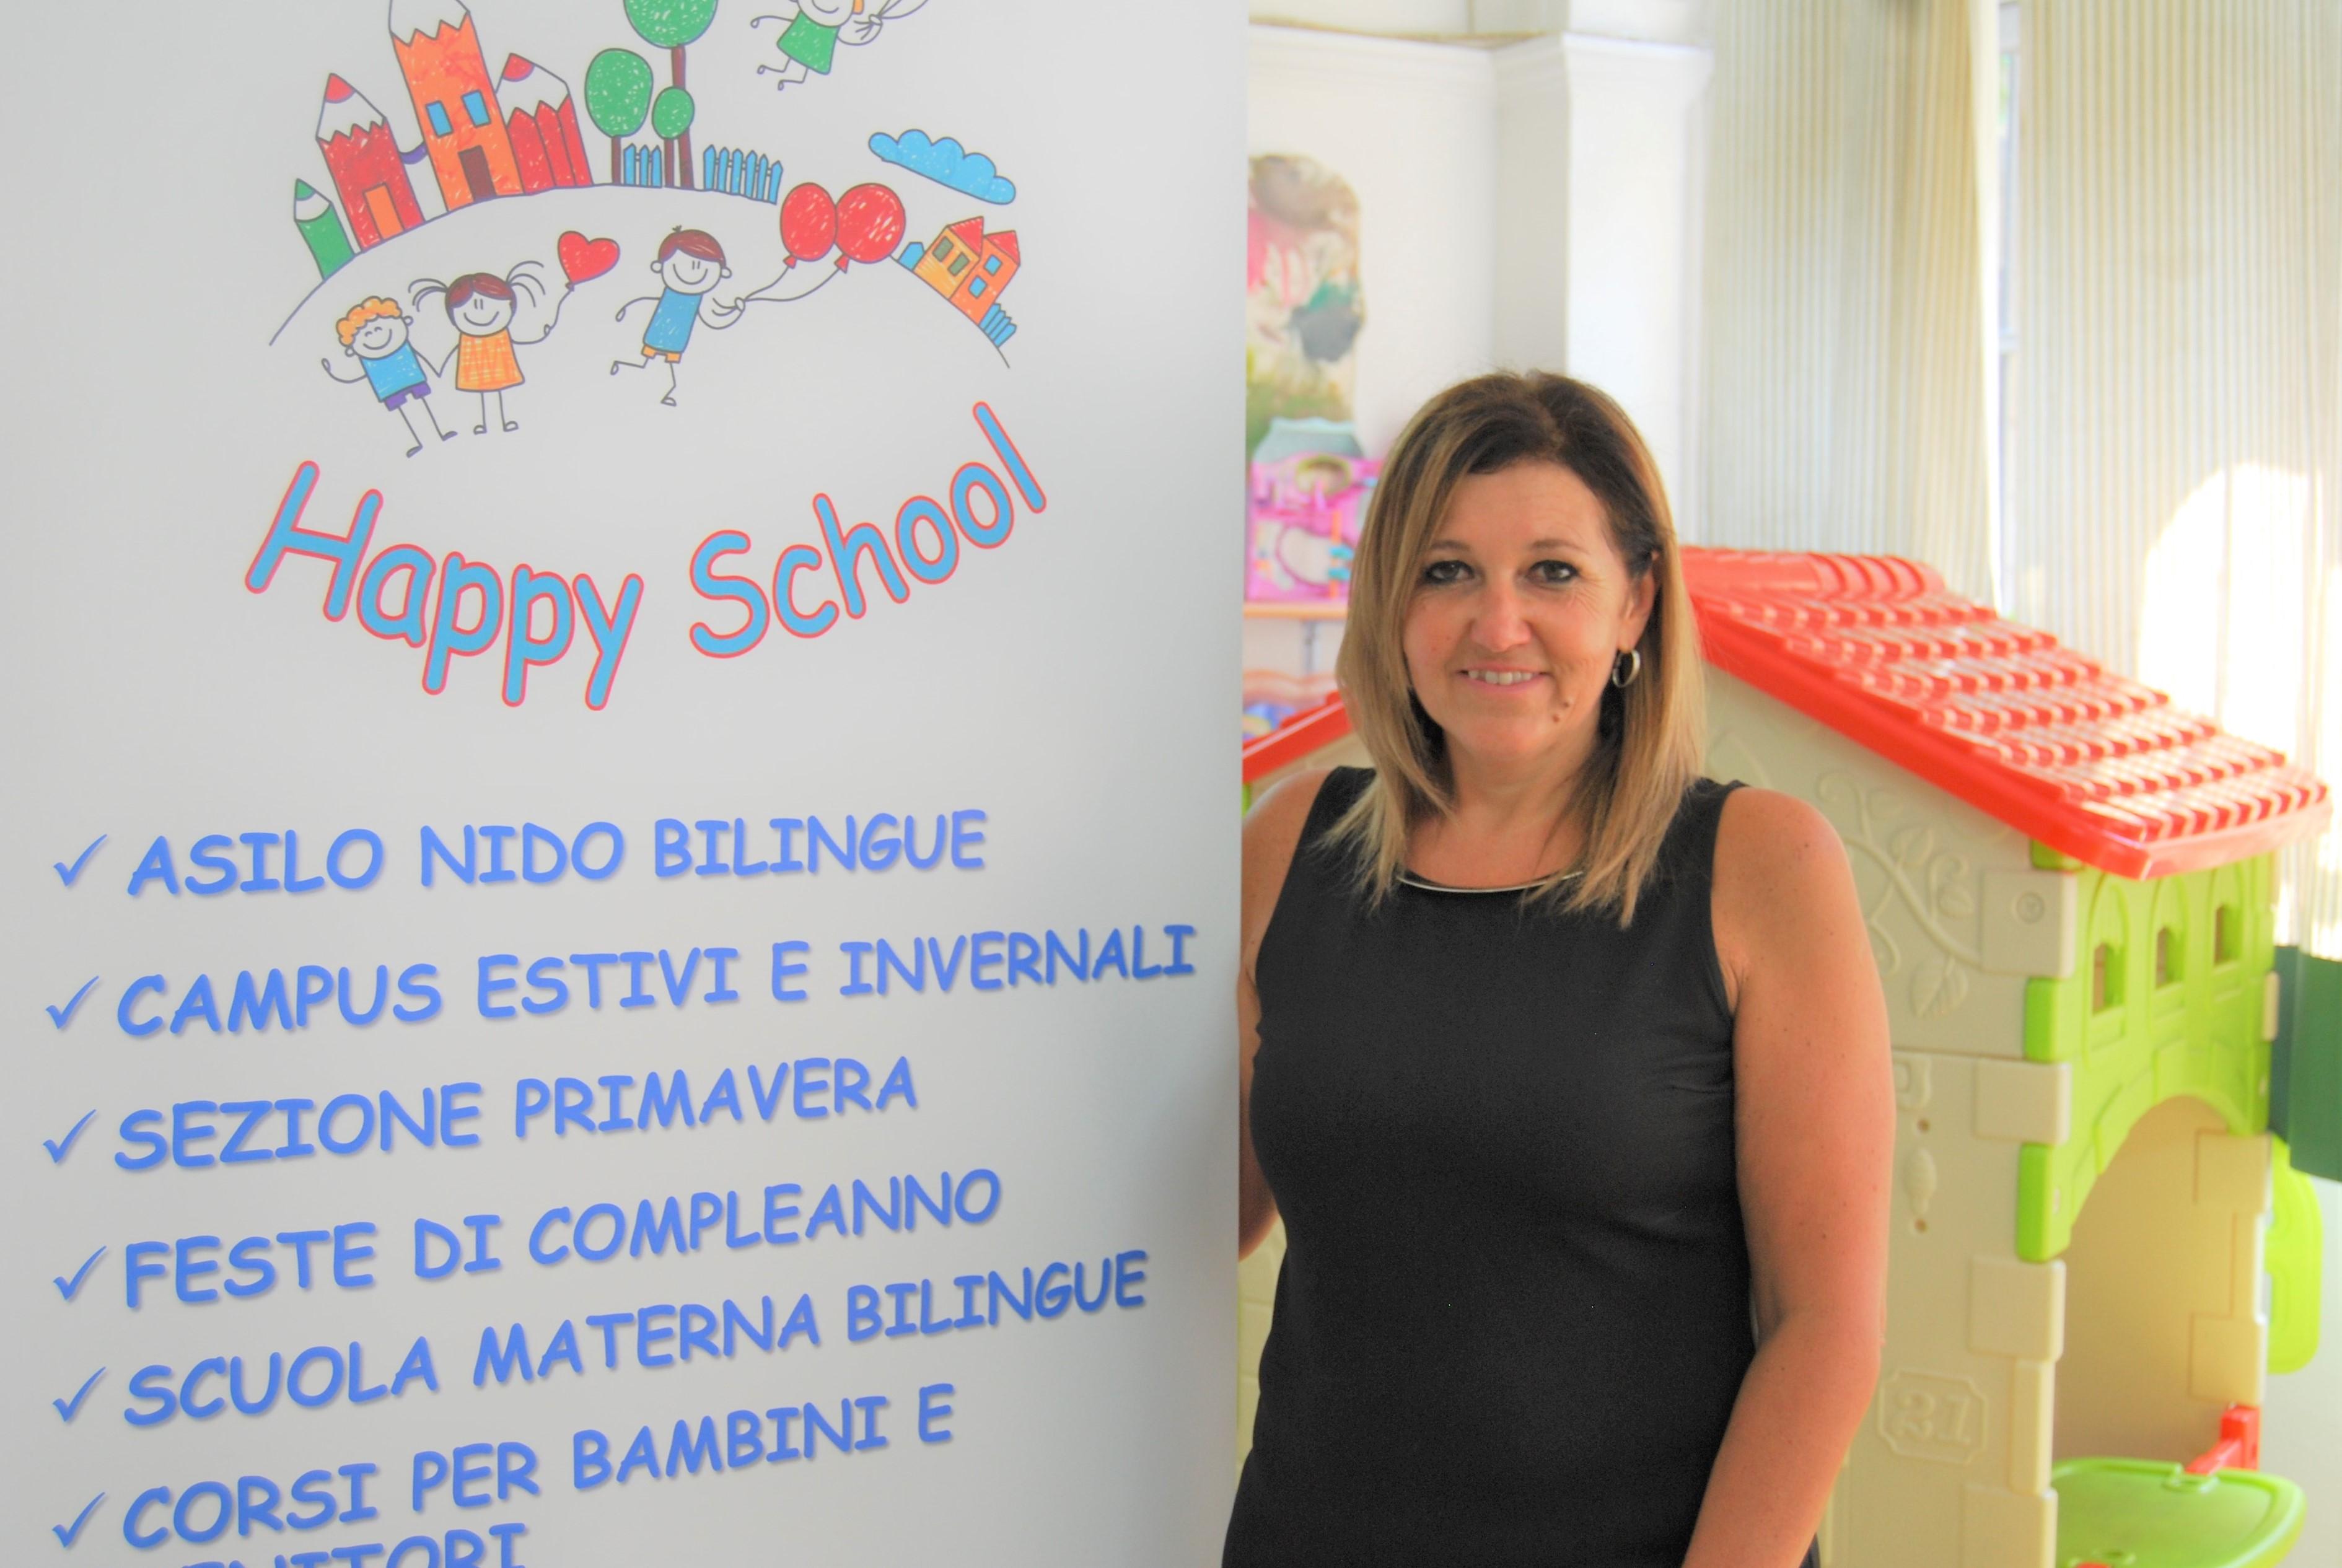 Happy School organizza una grande Festa per tutti i bambini!